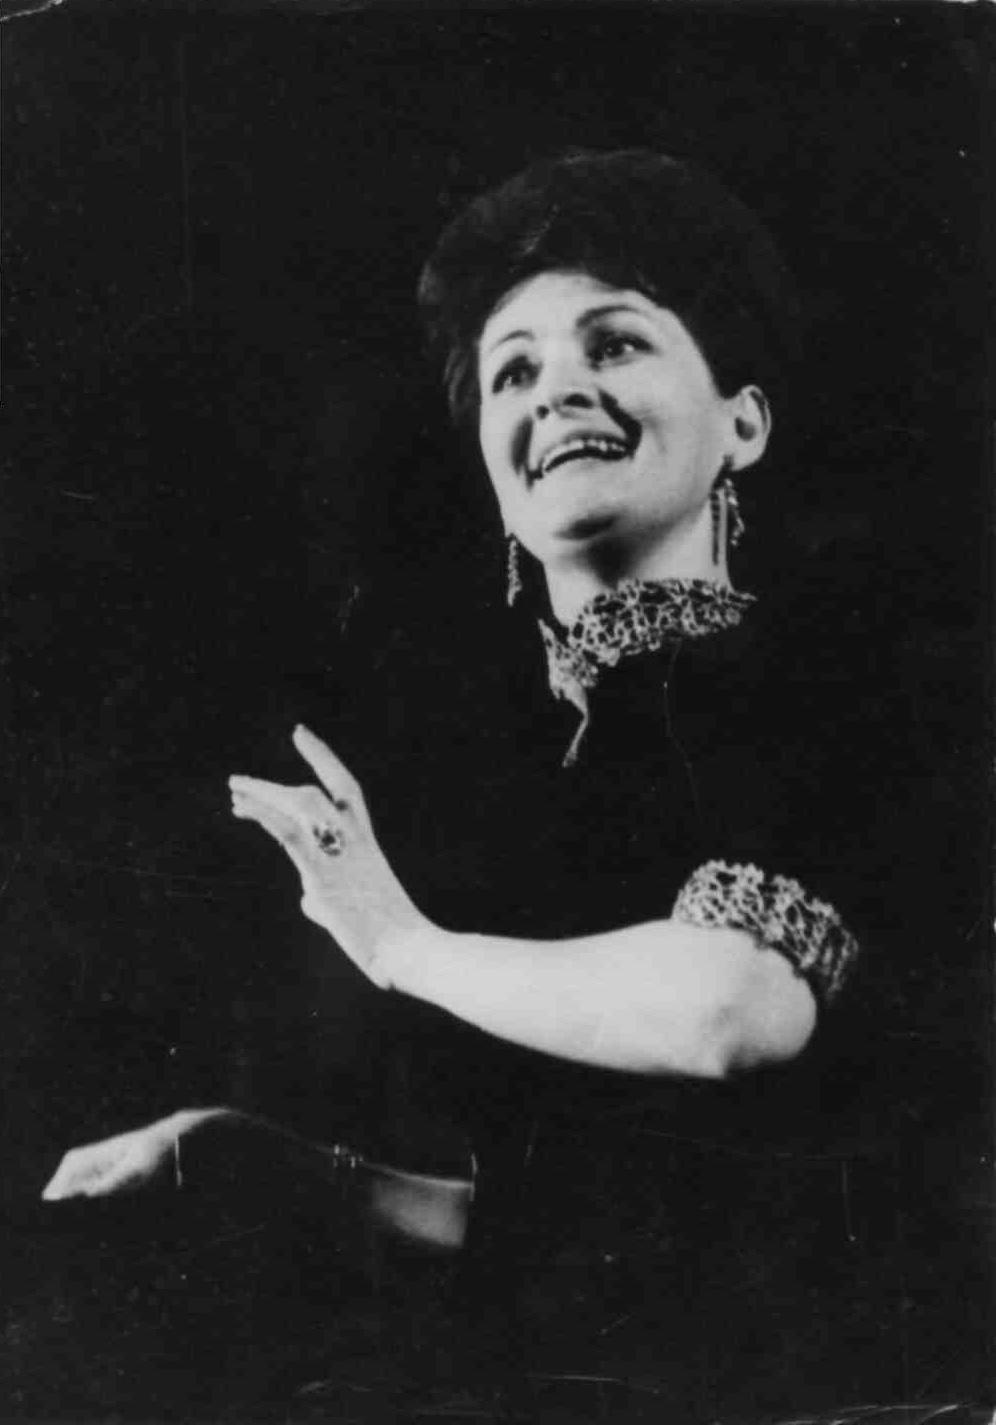 Yelena Yakovlevanın biyografisi: interdevochkiden seere 80